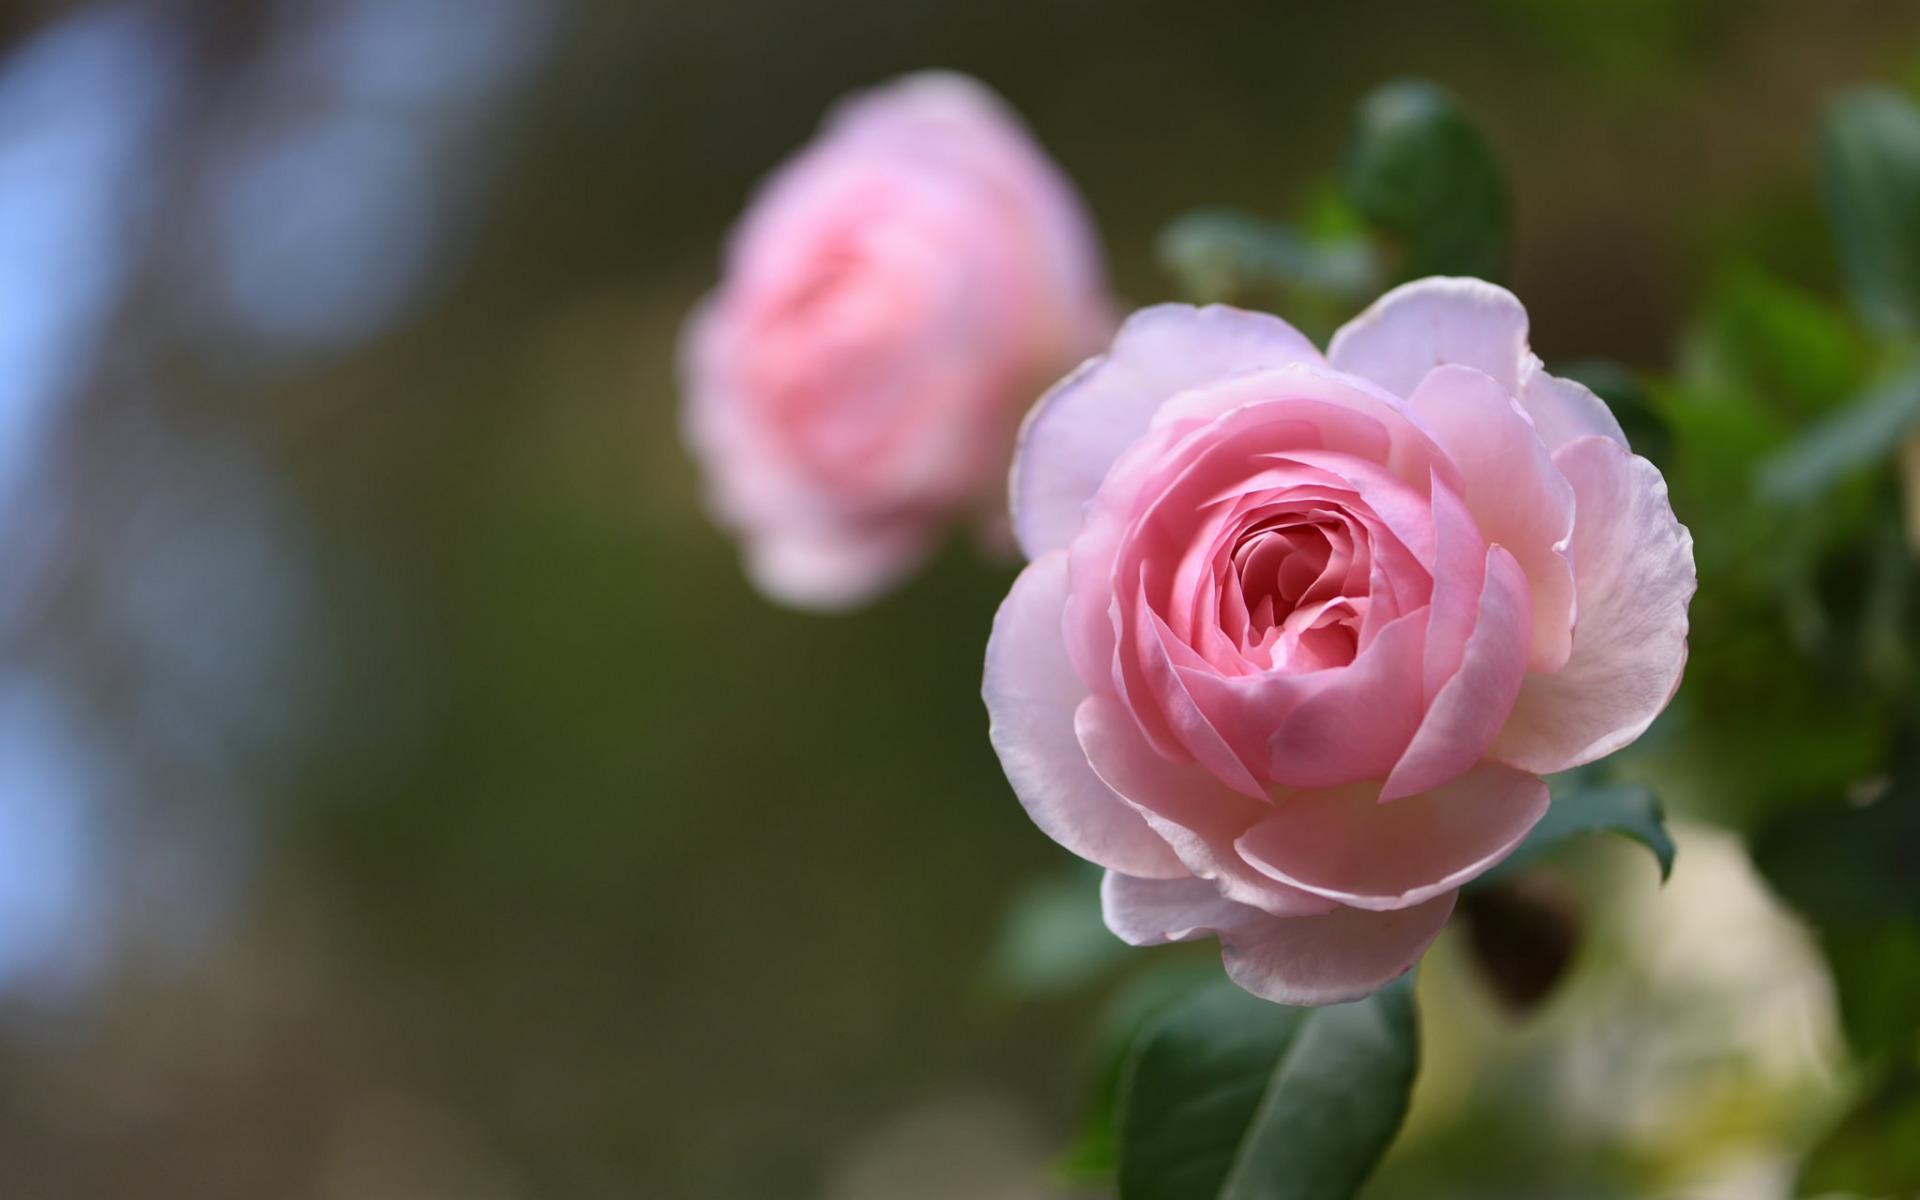 Увядшие розы говорят о том, что нет у вас единственно любимого.